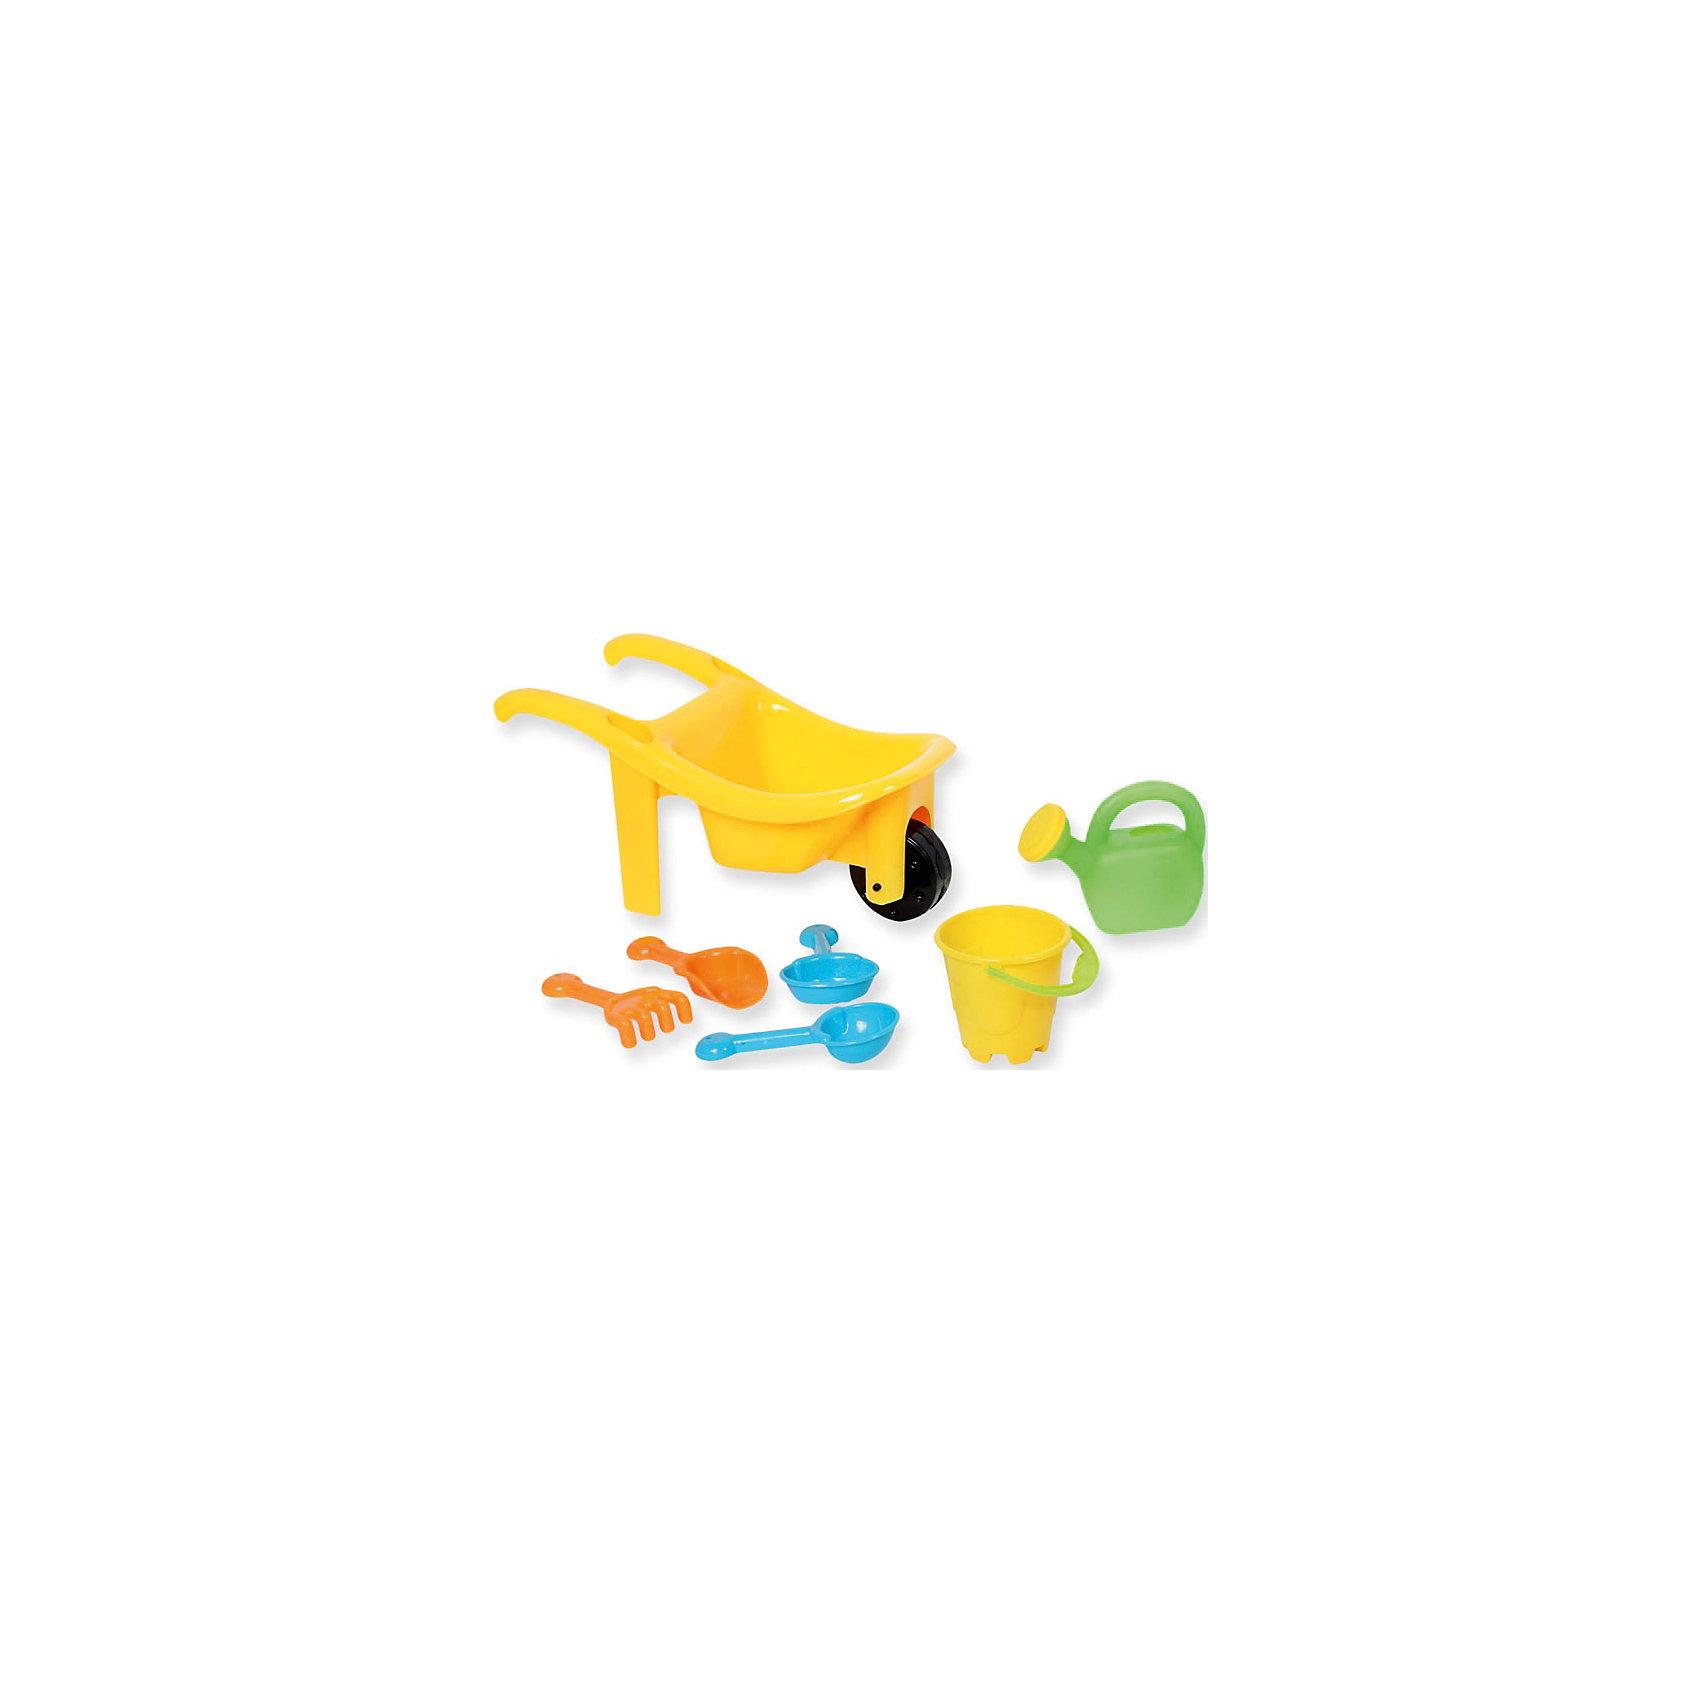 Набор №1 для игр с песком и водой7 в 1, ALTACTOНабор №1 для игр с песком и водой 7 в 1, Altacto, порадует Вашего малыша и сделает игры в песочнице еще веселее и интереснее. В комплект входят красочная тачка с функциональным колесиком и фиксатором положения конструкции, грабли, совки, ведерко и лейка. Все предметы имеют эргономичную форму, удобную для захвата маленькой детской ручкой. Тачка оснащена просторным кузовом, который вместит в себя большой объем песка. Совки, грабли, ведерко и лейка прекрасно подходят для строительства сказочных замков или для садовых работ. Набор выполнен из качественного и прочного материала, не содержащего в составе вредных красителей. Способствует развитию тактильных ощущений, мелкой и крупной моторики, а также двигательной активности ребенка.<br><br>Дополнительная информация:        <br><br>- В комплекте: тачка, 3 совка, 1 грабли, 1 ведерко, 1 лейка.<br>- Материал: пластик. <br>- Размер упаковки: 14 х 12,5 х 27 см.<br>- Вес: 0,194 кг.<br><br>Набор №1 для игр с песком и водой 7 в 1, Altacto, можно купить в нашем интернет-магазине.<br><br>Ширина мм: 270<br>Глубина мм: 125<br>Высота мм: 140<br>Вес г: 194<br>Возраст от месяцев: 36<br>Возраст до месяцев: 72<br>Пол: Унисекс<br>Возраст: Детский<br>SKU: 4622265